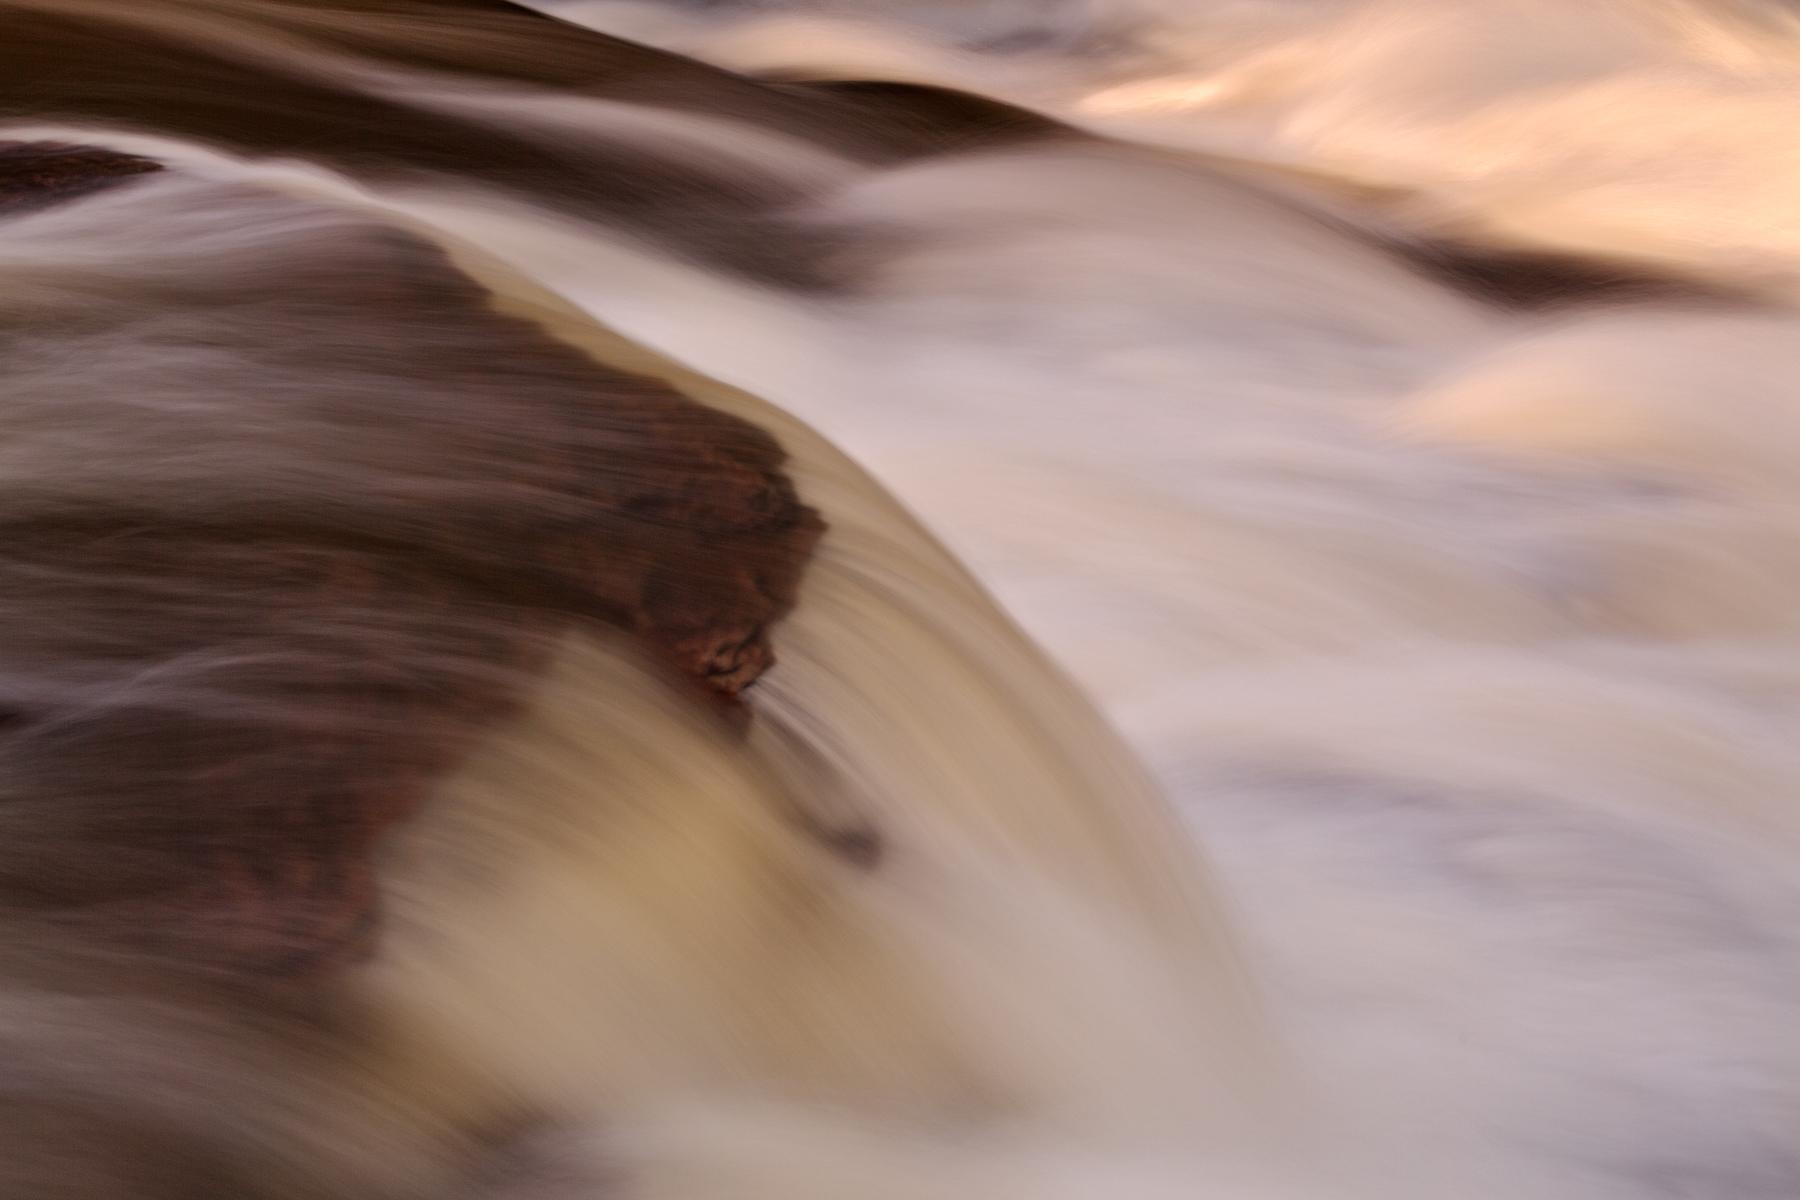 Swallow falls close-up - abstract hdr photo